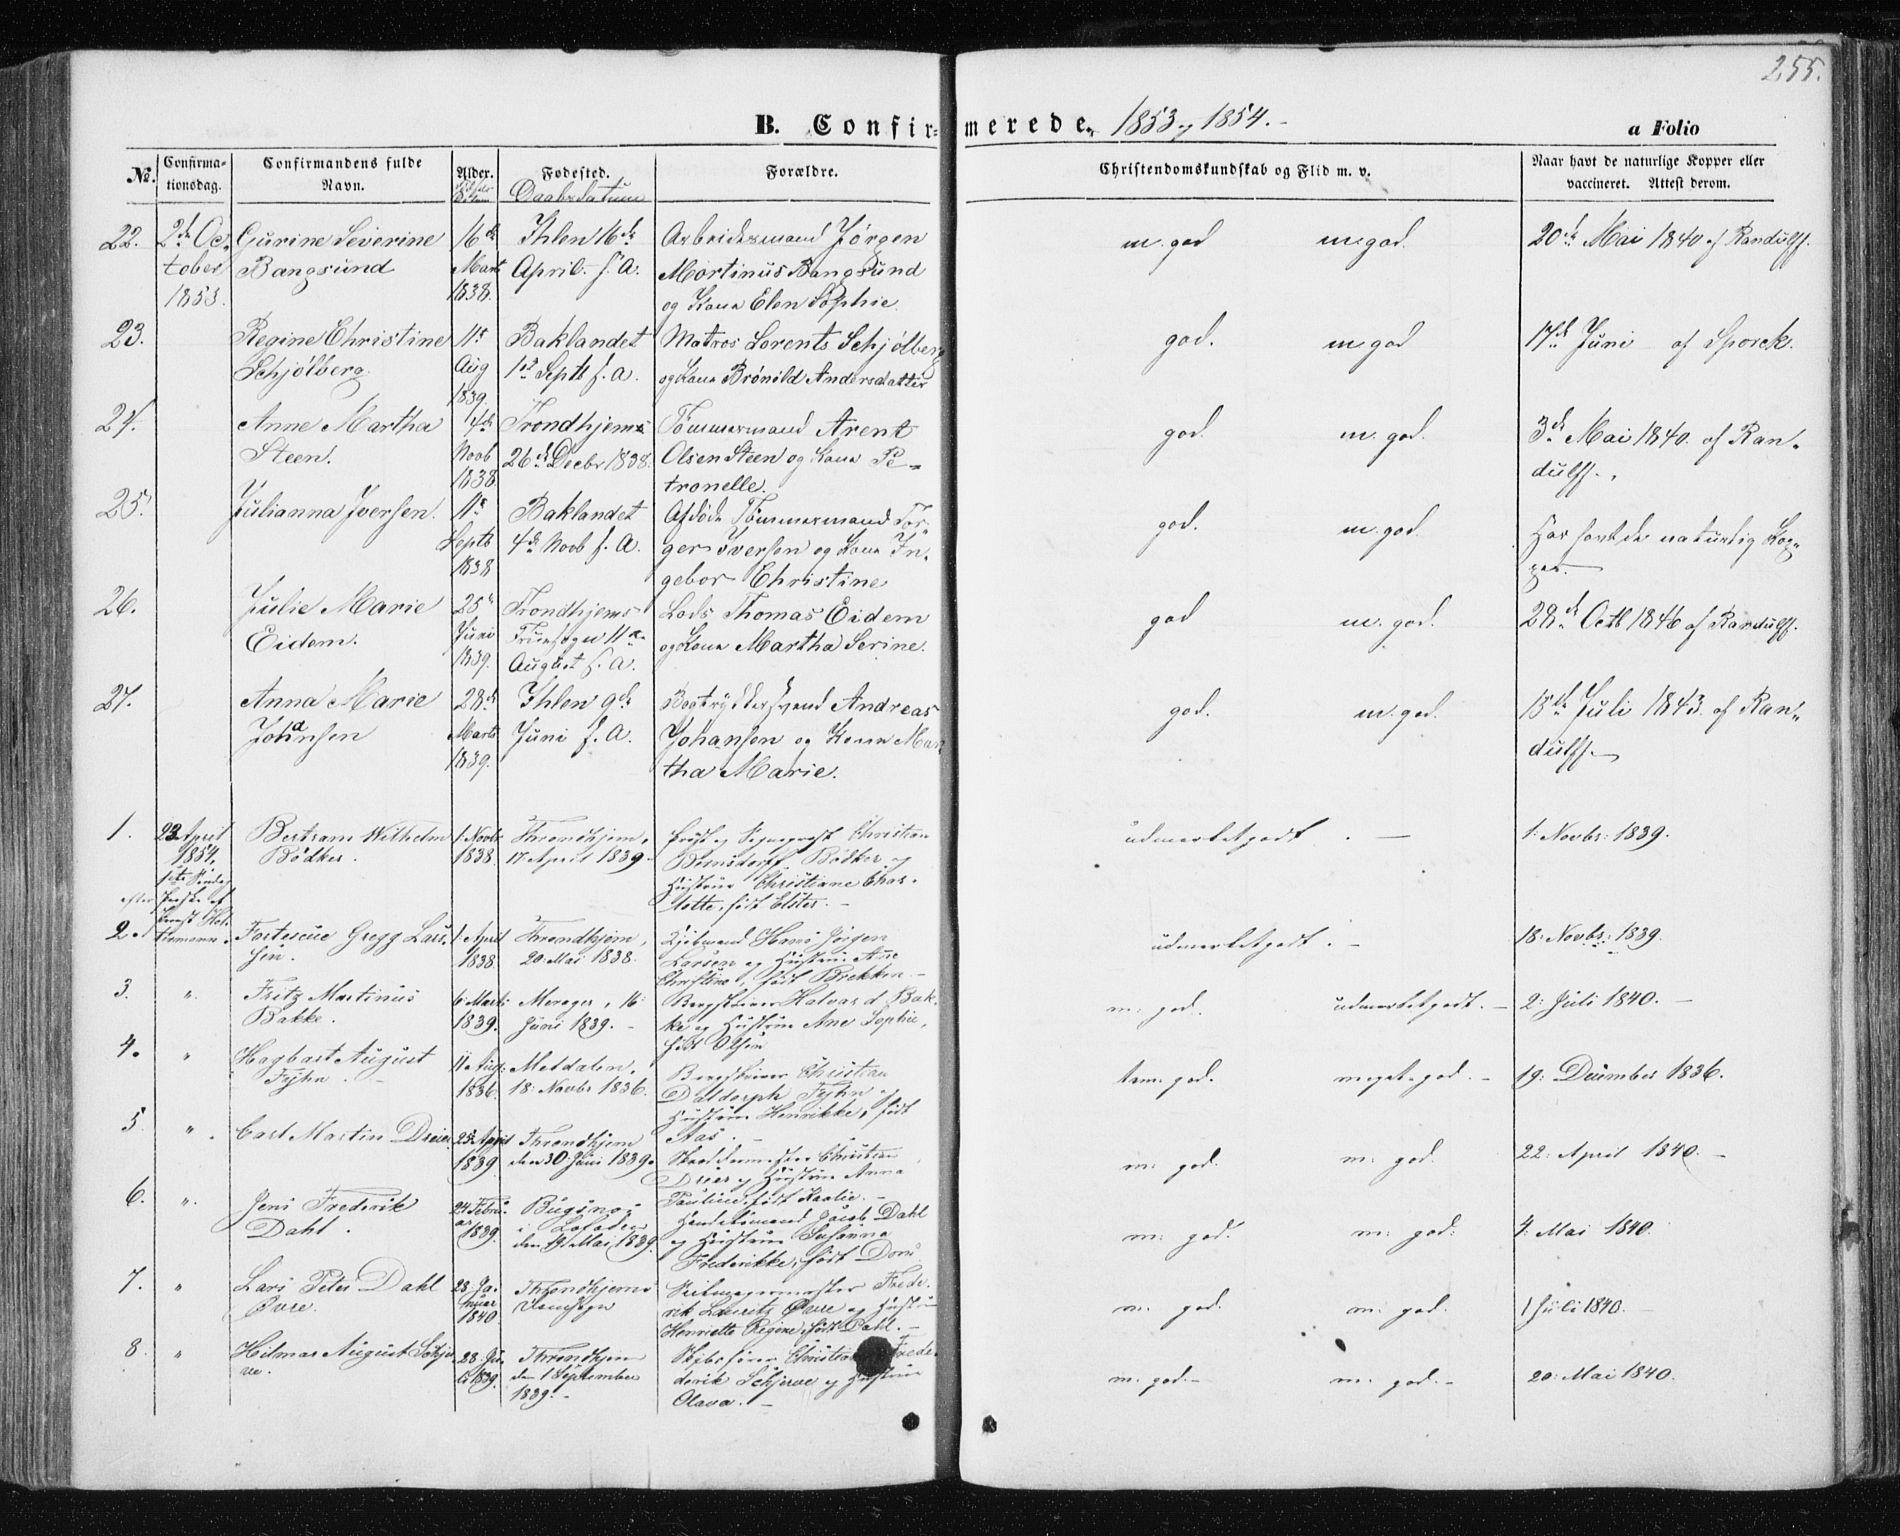 SAT, Ministerialprotokoller, klokkerbøker og fødselsregistre - Sør-Trøndelag, 602/L0112: Ministerialbok nr. 602A10, 1848-1859, s. 255